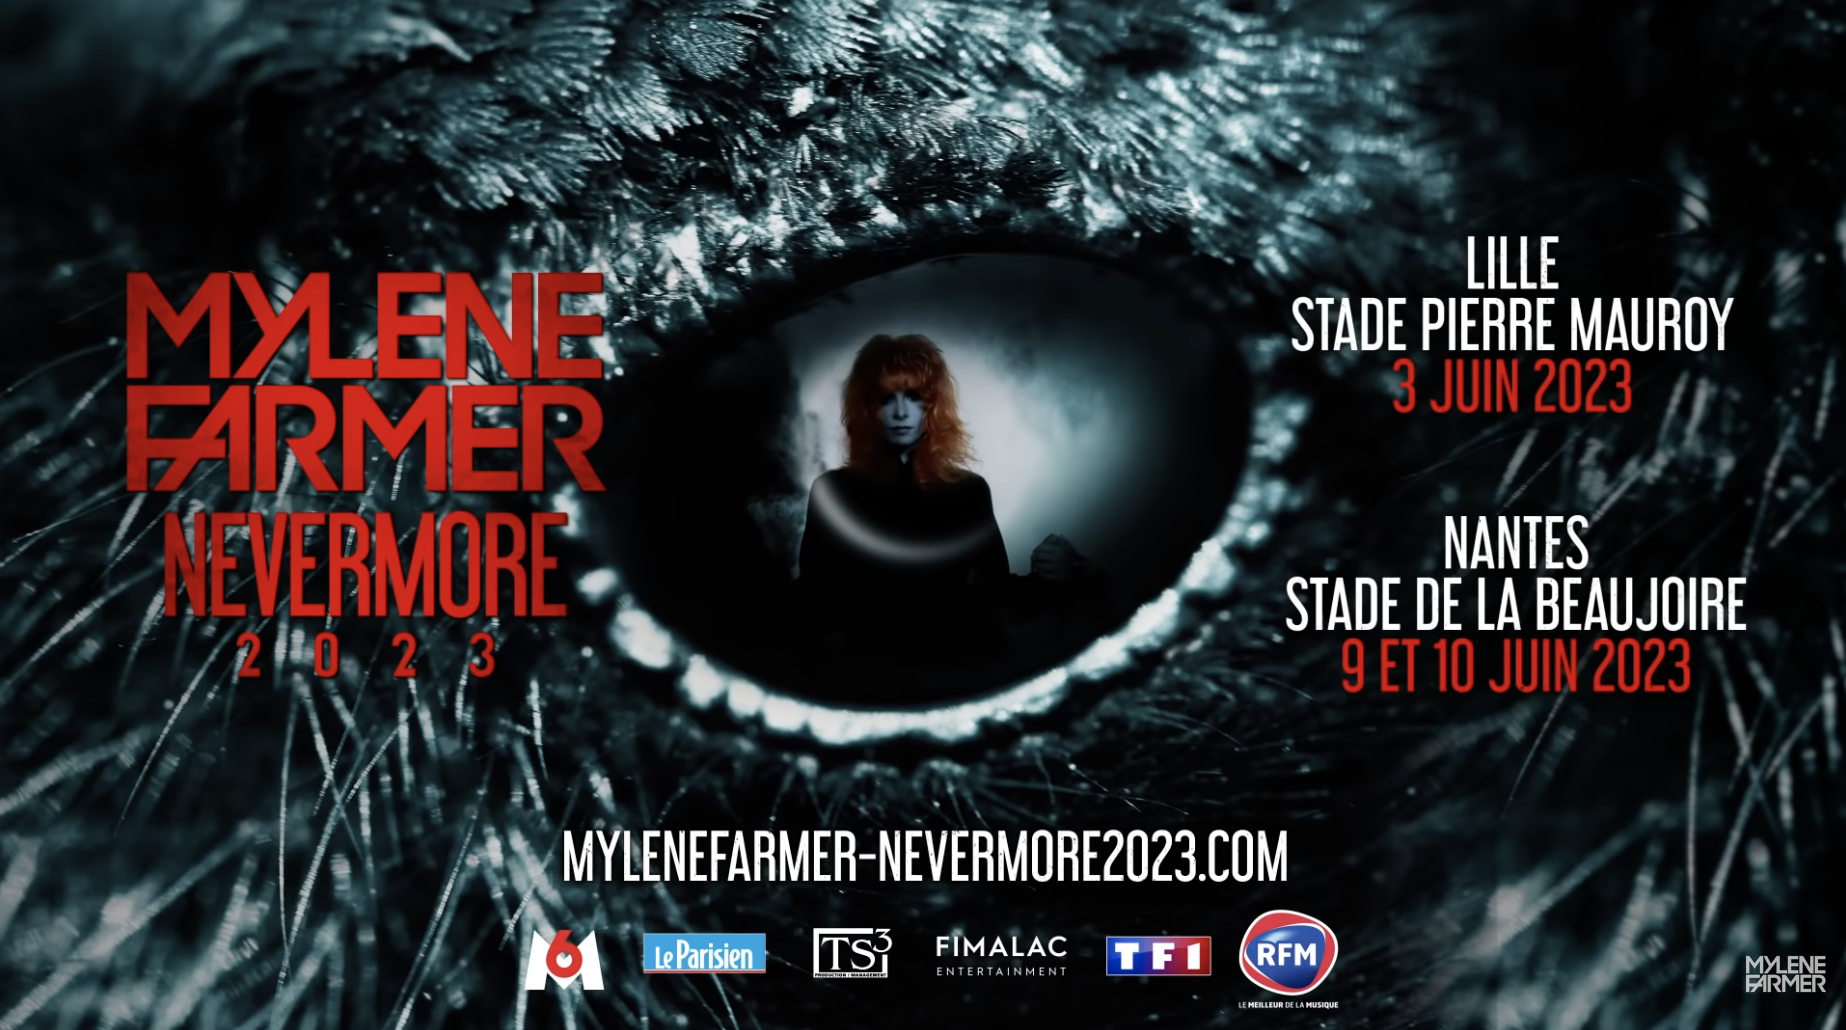 RFM : partenaire radio exclusif de la tournée de Mylène Farmer